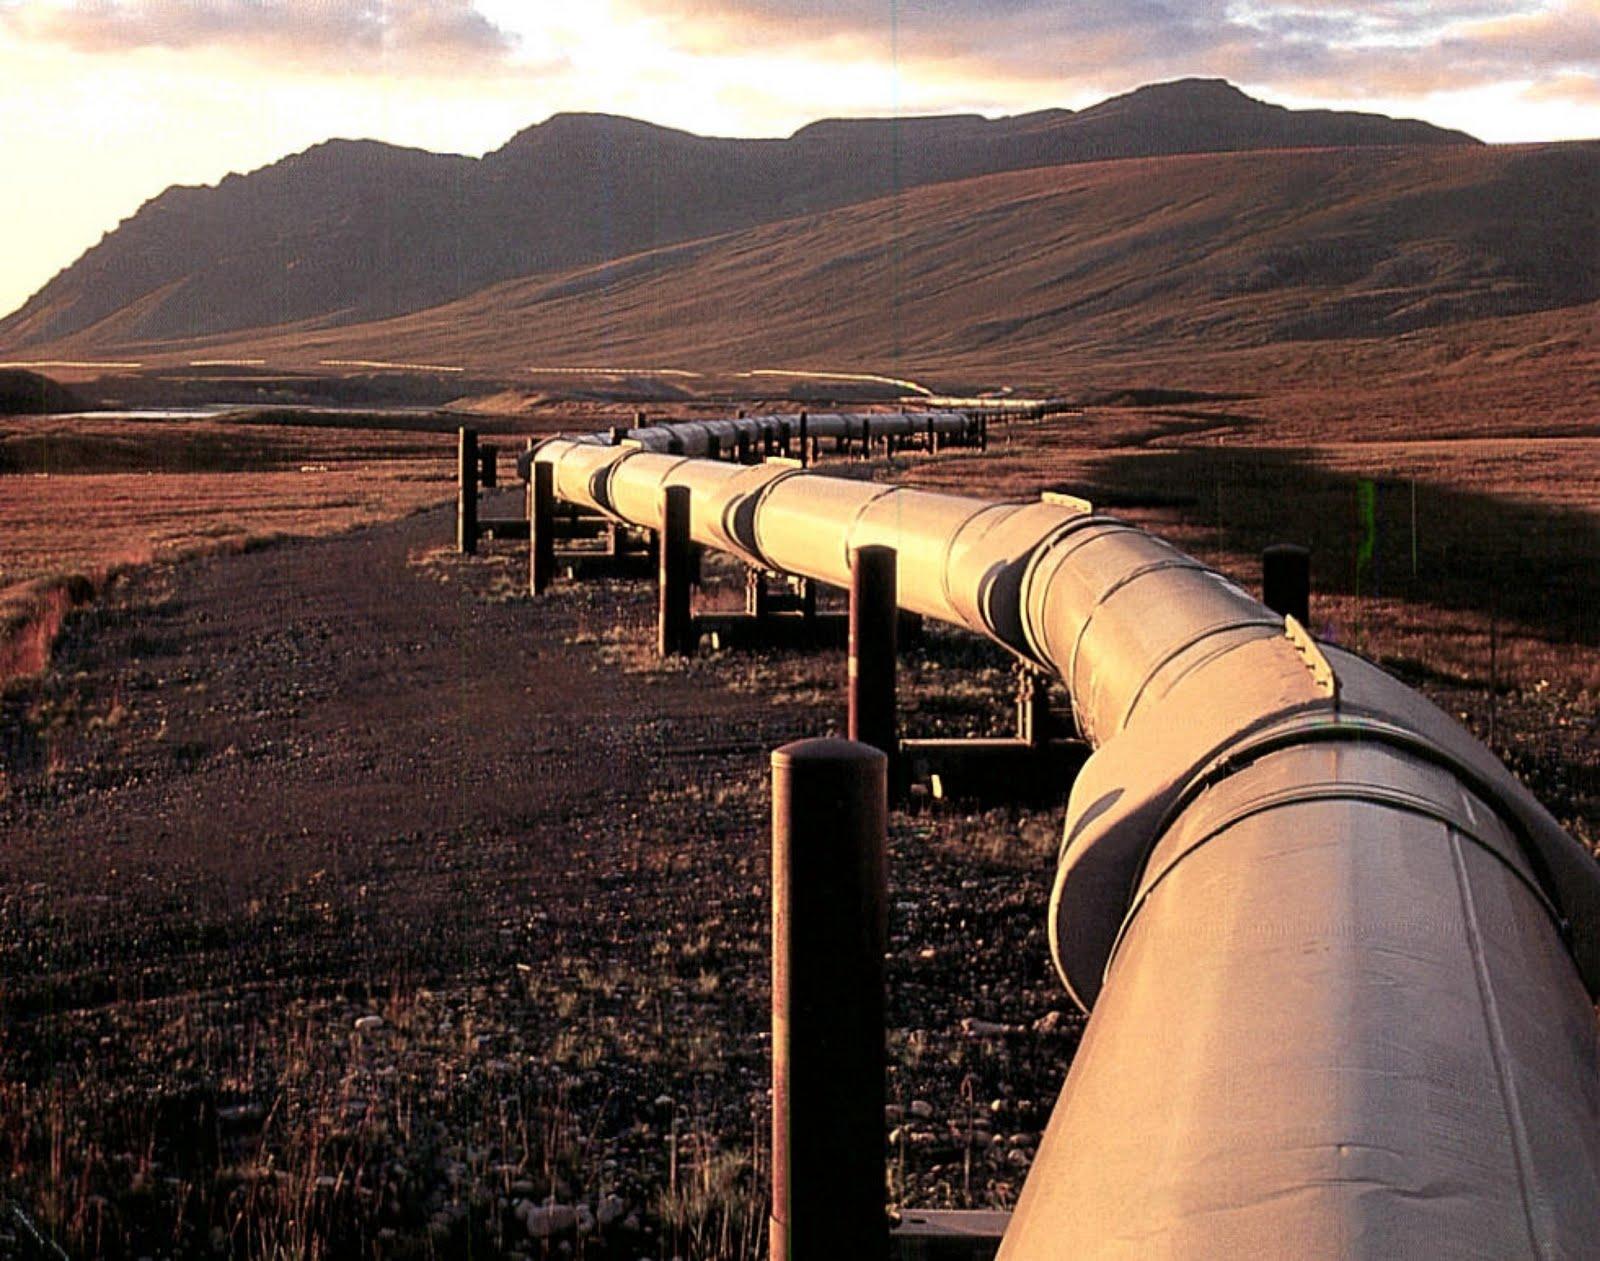 Proyecto de energía propone gasoducto desde Bahía Chasco hasta Vallenar